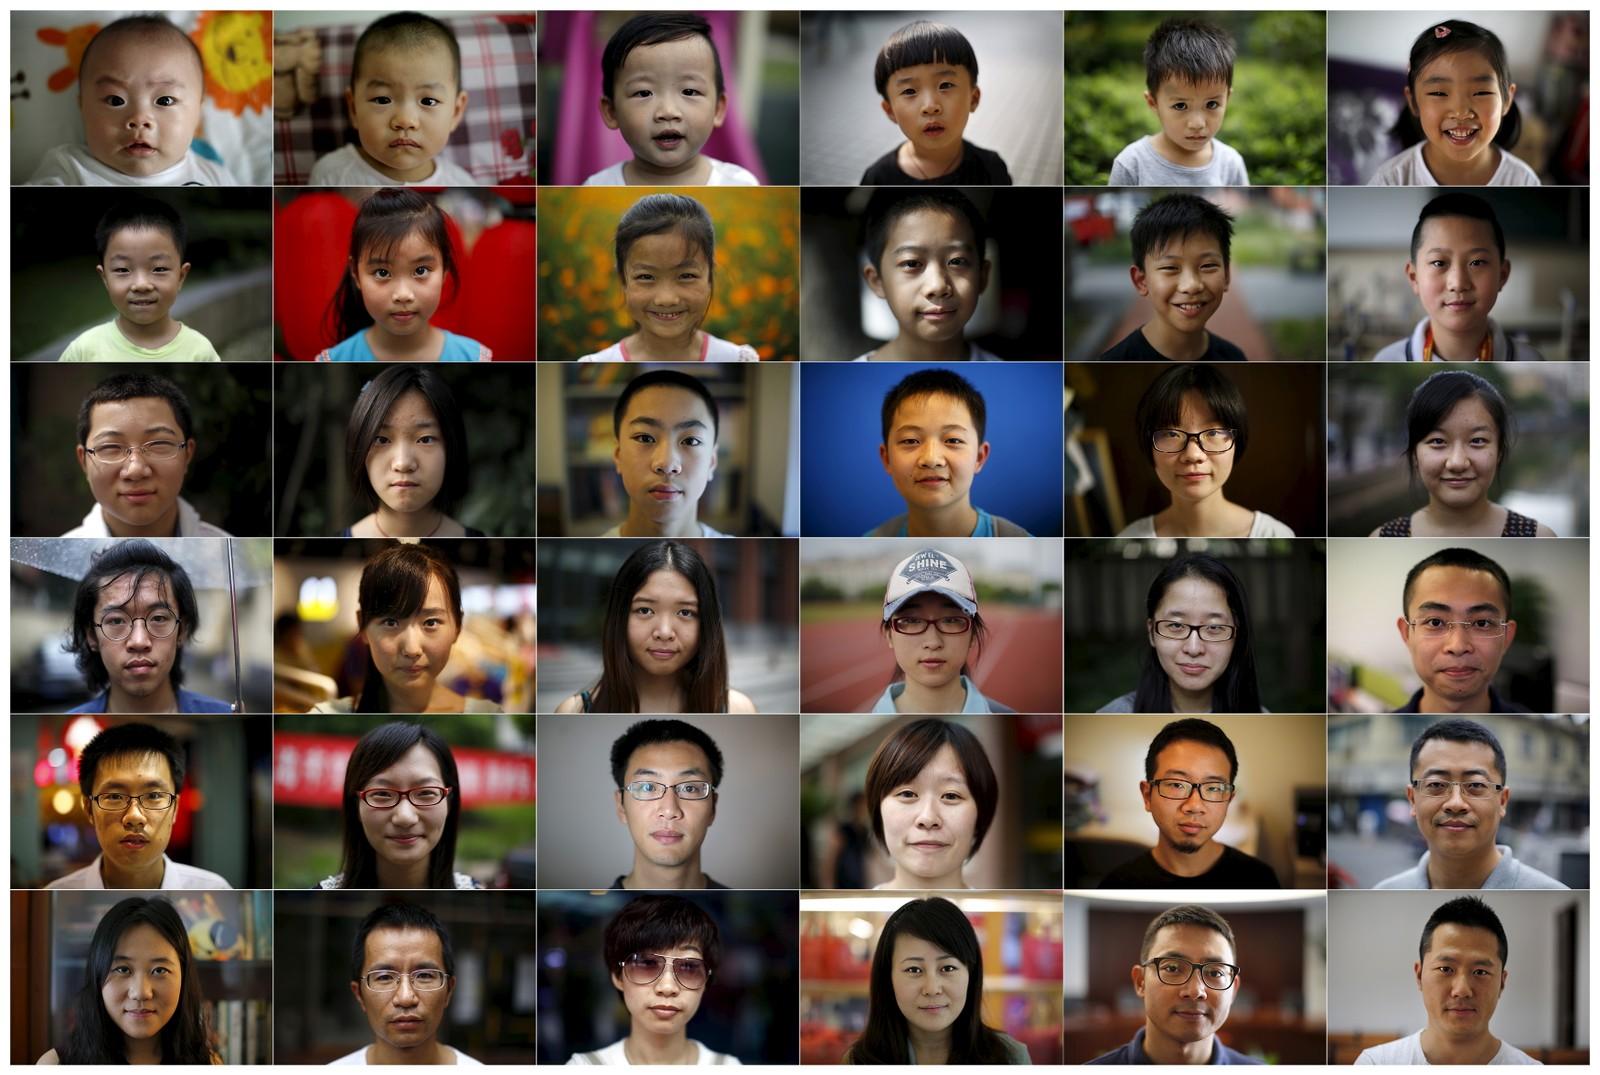 Kinas ett-barns-politikk i bilder: ett barn per år i de 38 årene det var ulovlig å få mer enn ett barn.